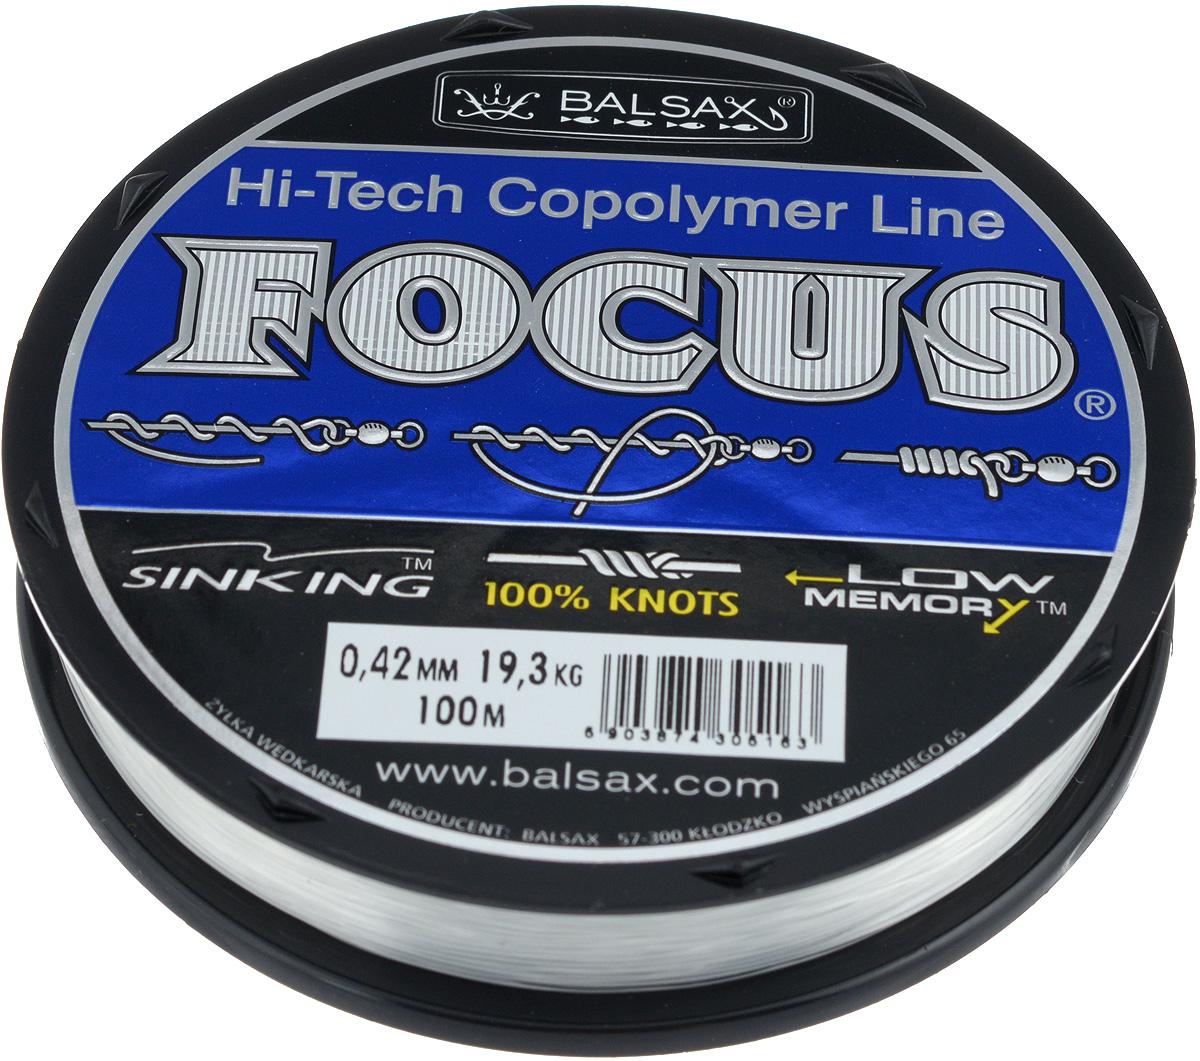 Леска Balsax Focus, 100 м, 0,42 мм, 19,3 кг010-01199-23Леска Balsax Focus практически идеально прозрачна, а значит, отлично подходит для ловли во всех водоемах, независимо от погодных условий. Очередной особенностью, повышающей достоинства данной лески, является ее стопроцентная сопротивляемость к деформации, что дает рыболовам уверенность в эффективных забросах, а также позволяет избежать безнадежного запутывания лески. Тесты на эластичность и упругость лески доказали, что последняя, пропорционально к другим особенностям, имеет необходимую растяжимость. Для рыболова это означает, что можно даже тащить очень крупную рыбу.